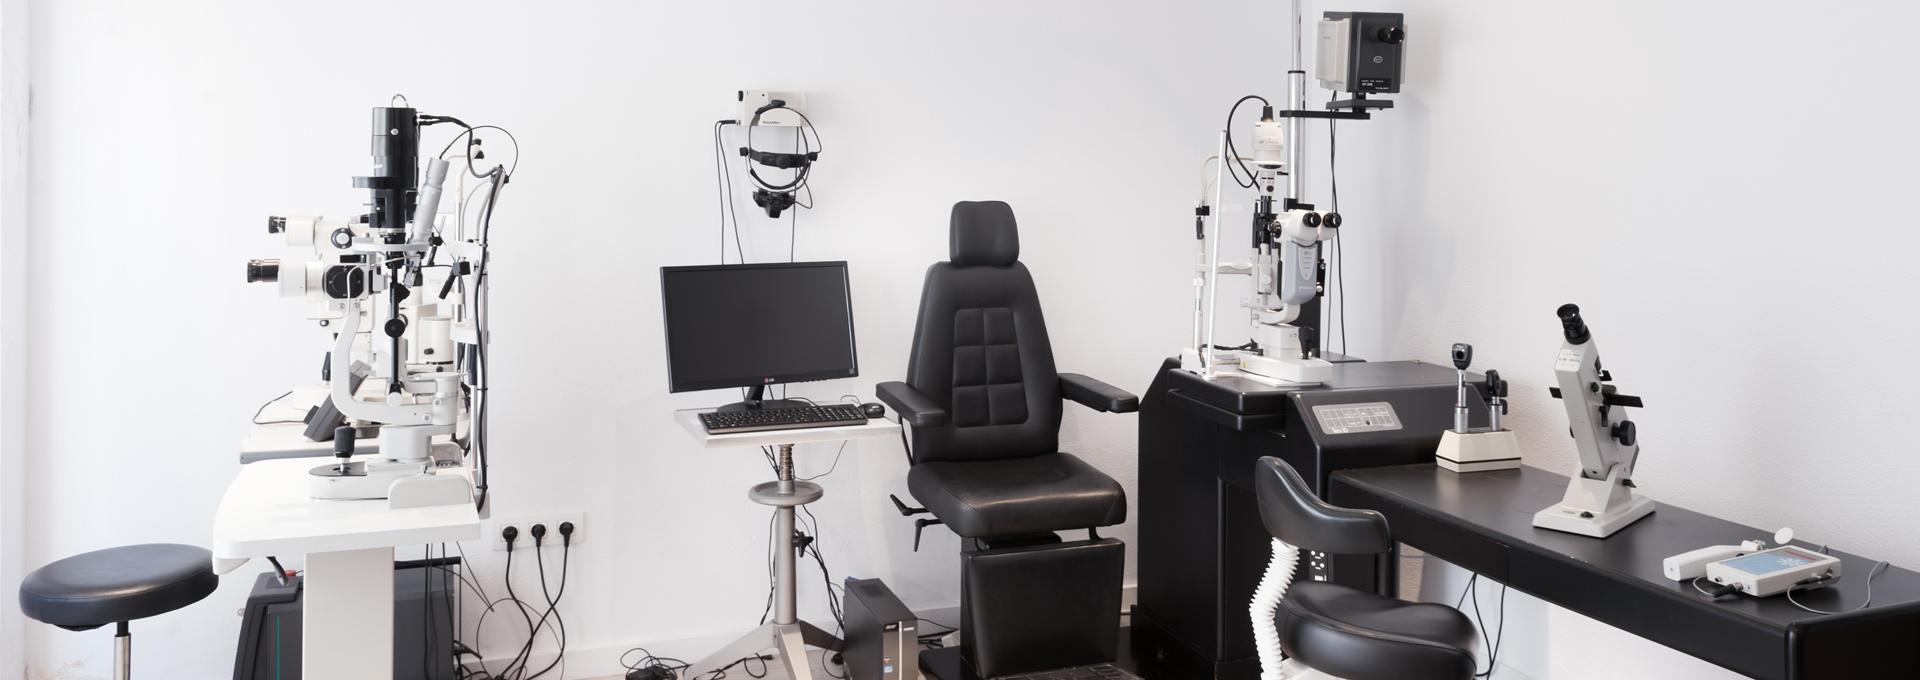 clinica-badia-oftalmologia-aparells